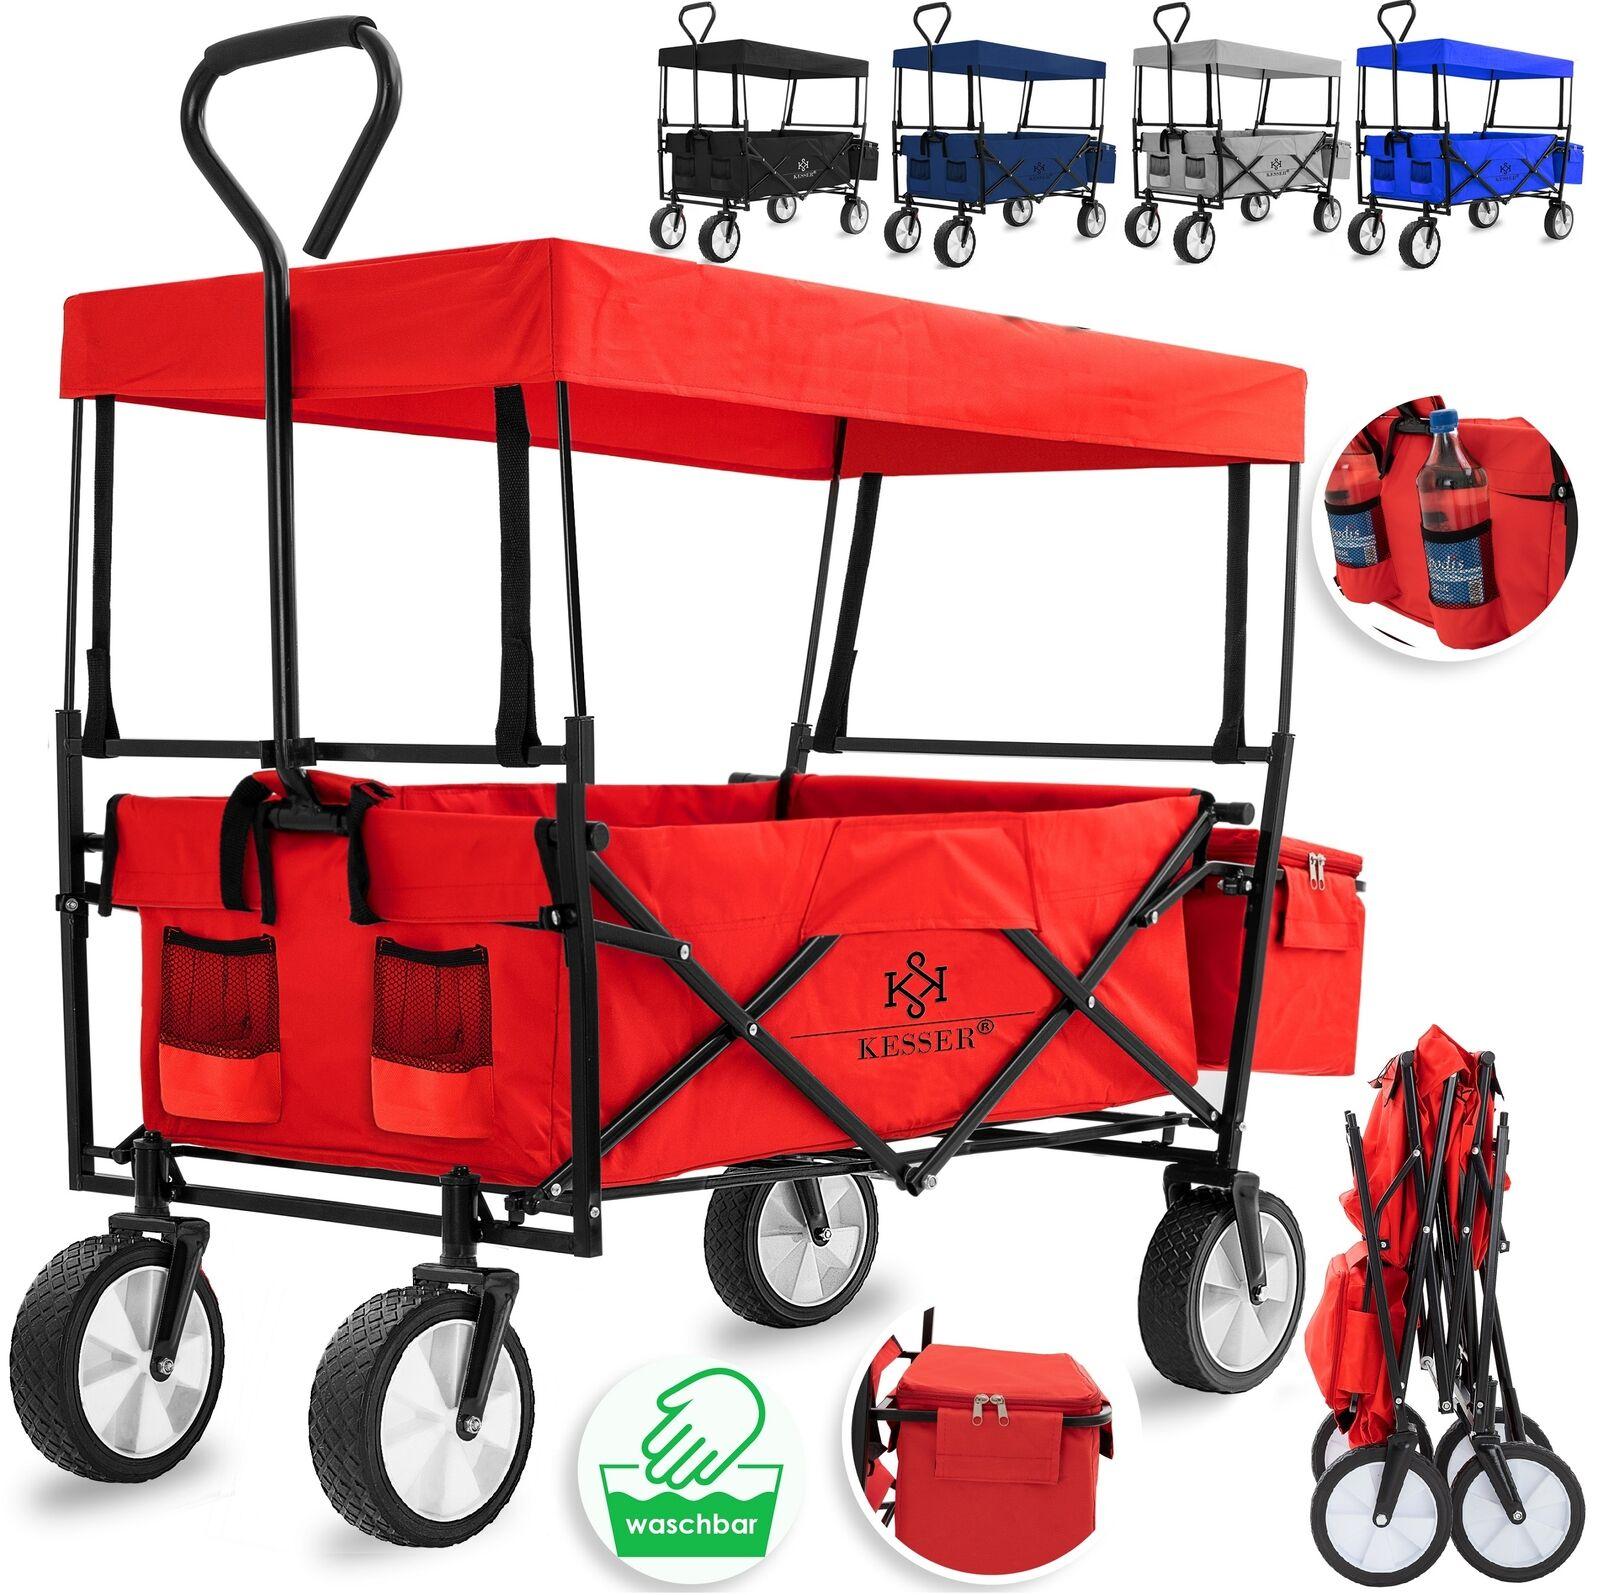 KESSER® Bollerwagen Faltbar Dach Handwagen Klappbar Transportkarre Gerätewagen